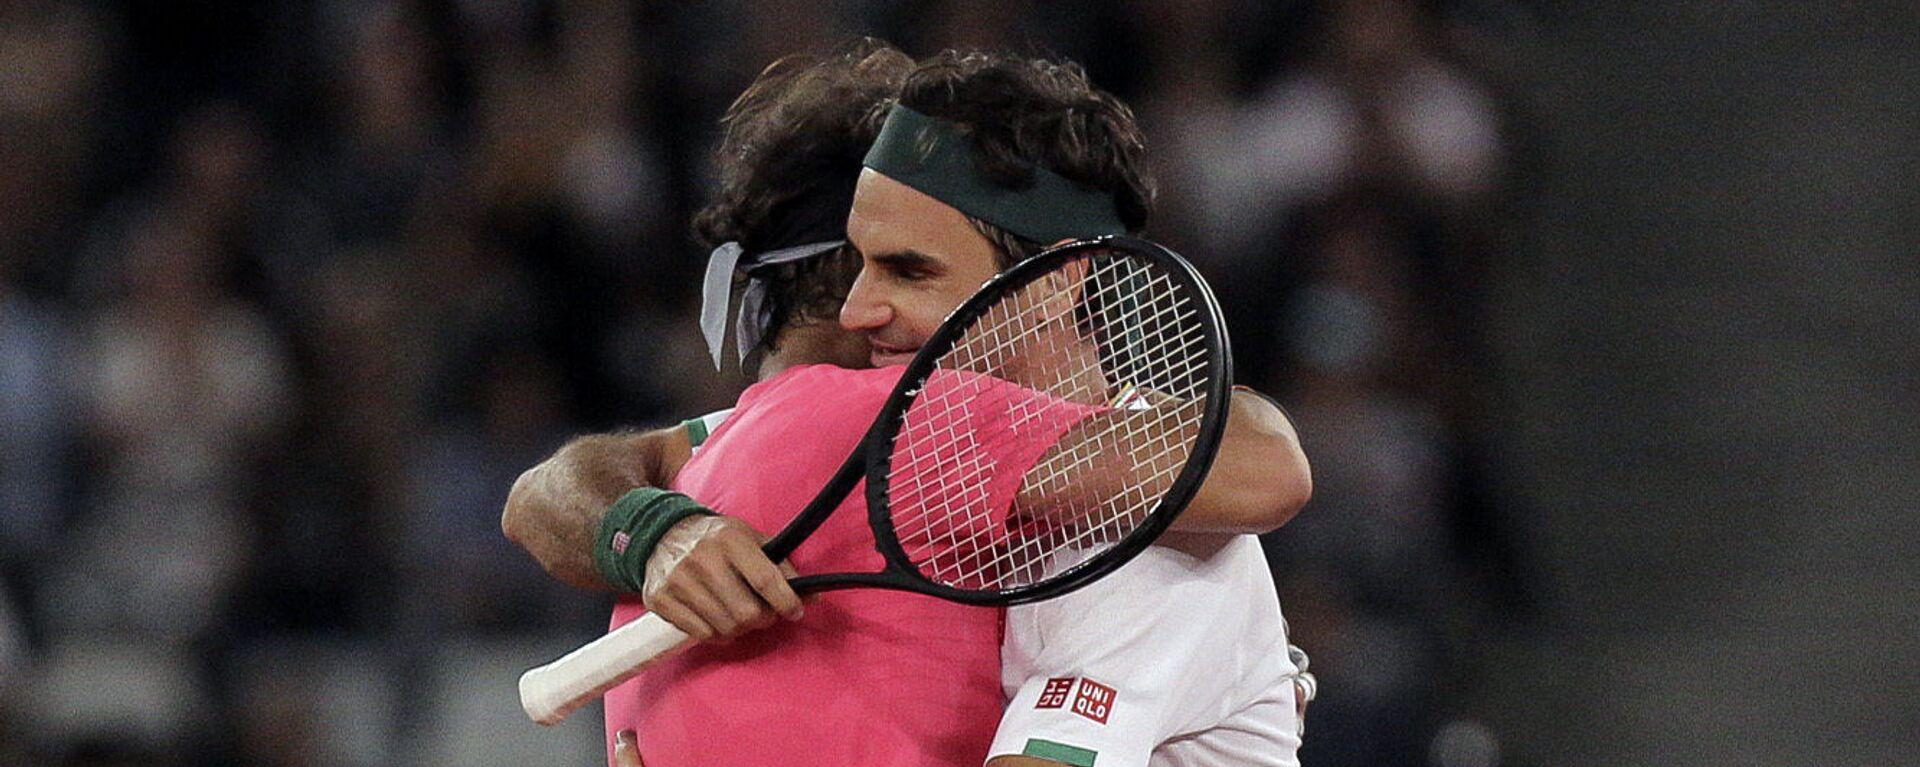 Rafael Nadal i Rodžer Federer u zagljaju - Sputnik Srbija, 1920, 01.10.2021